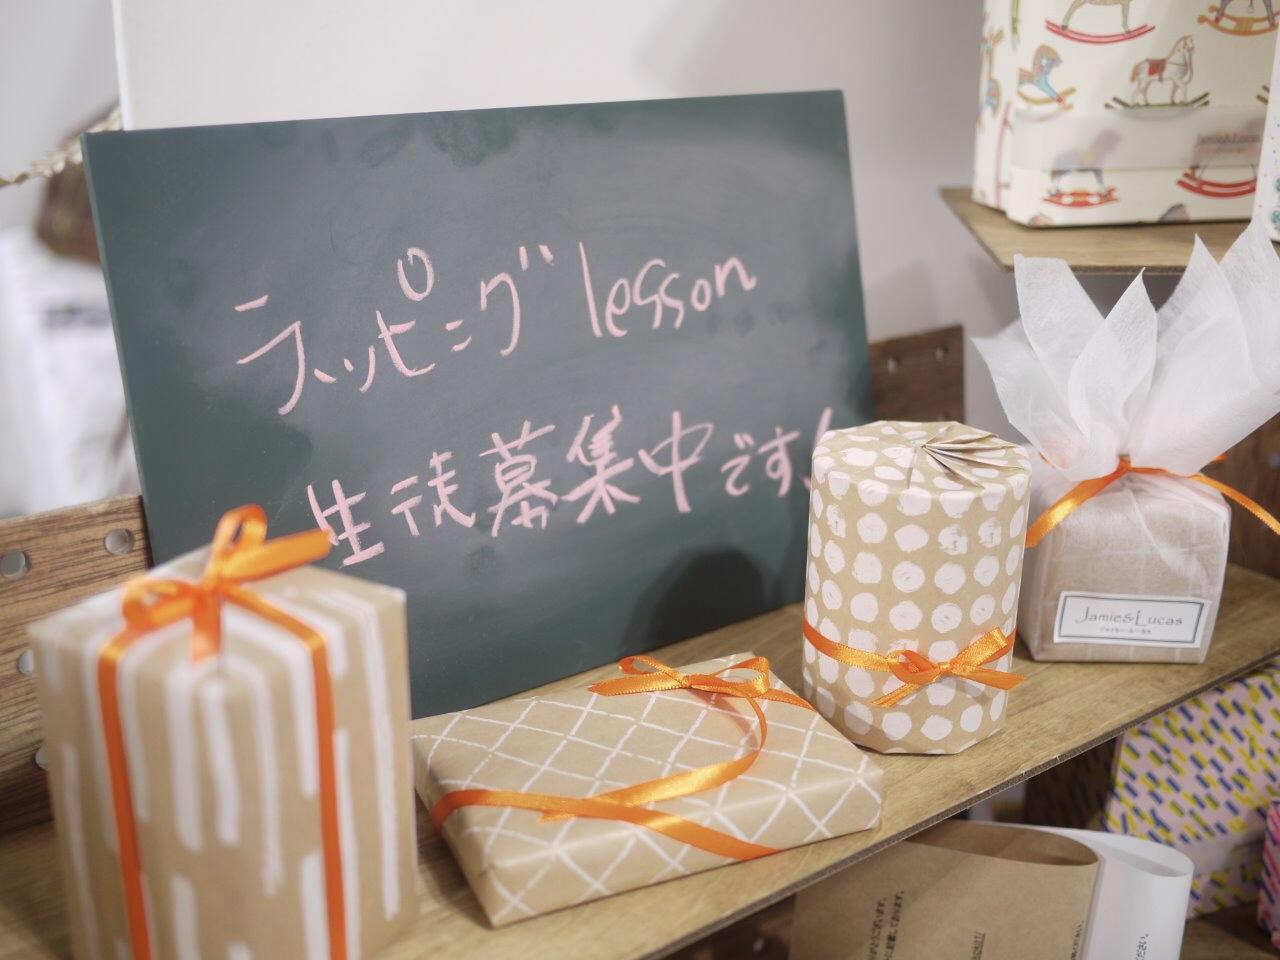 札幌ラッピング教室|ジェイミールカス